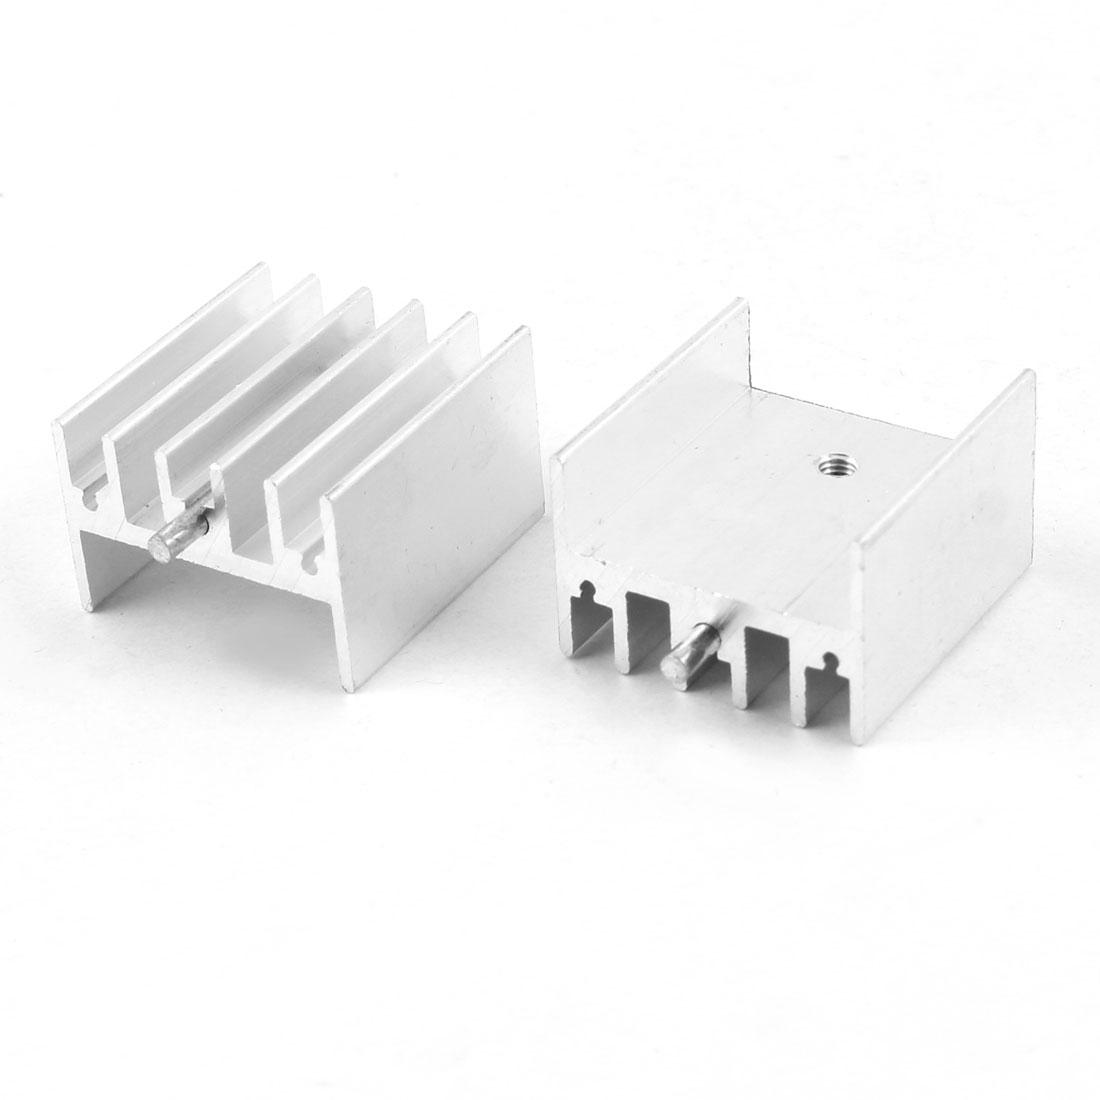 2 x Heat Dissipation Aluminium Heatsink Cooling Fin 23mmx15mmx25mm